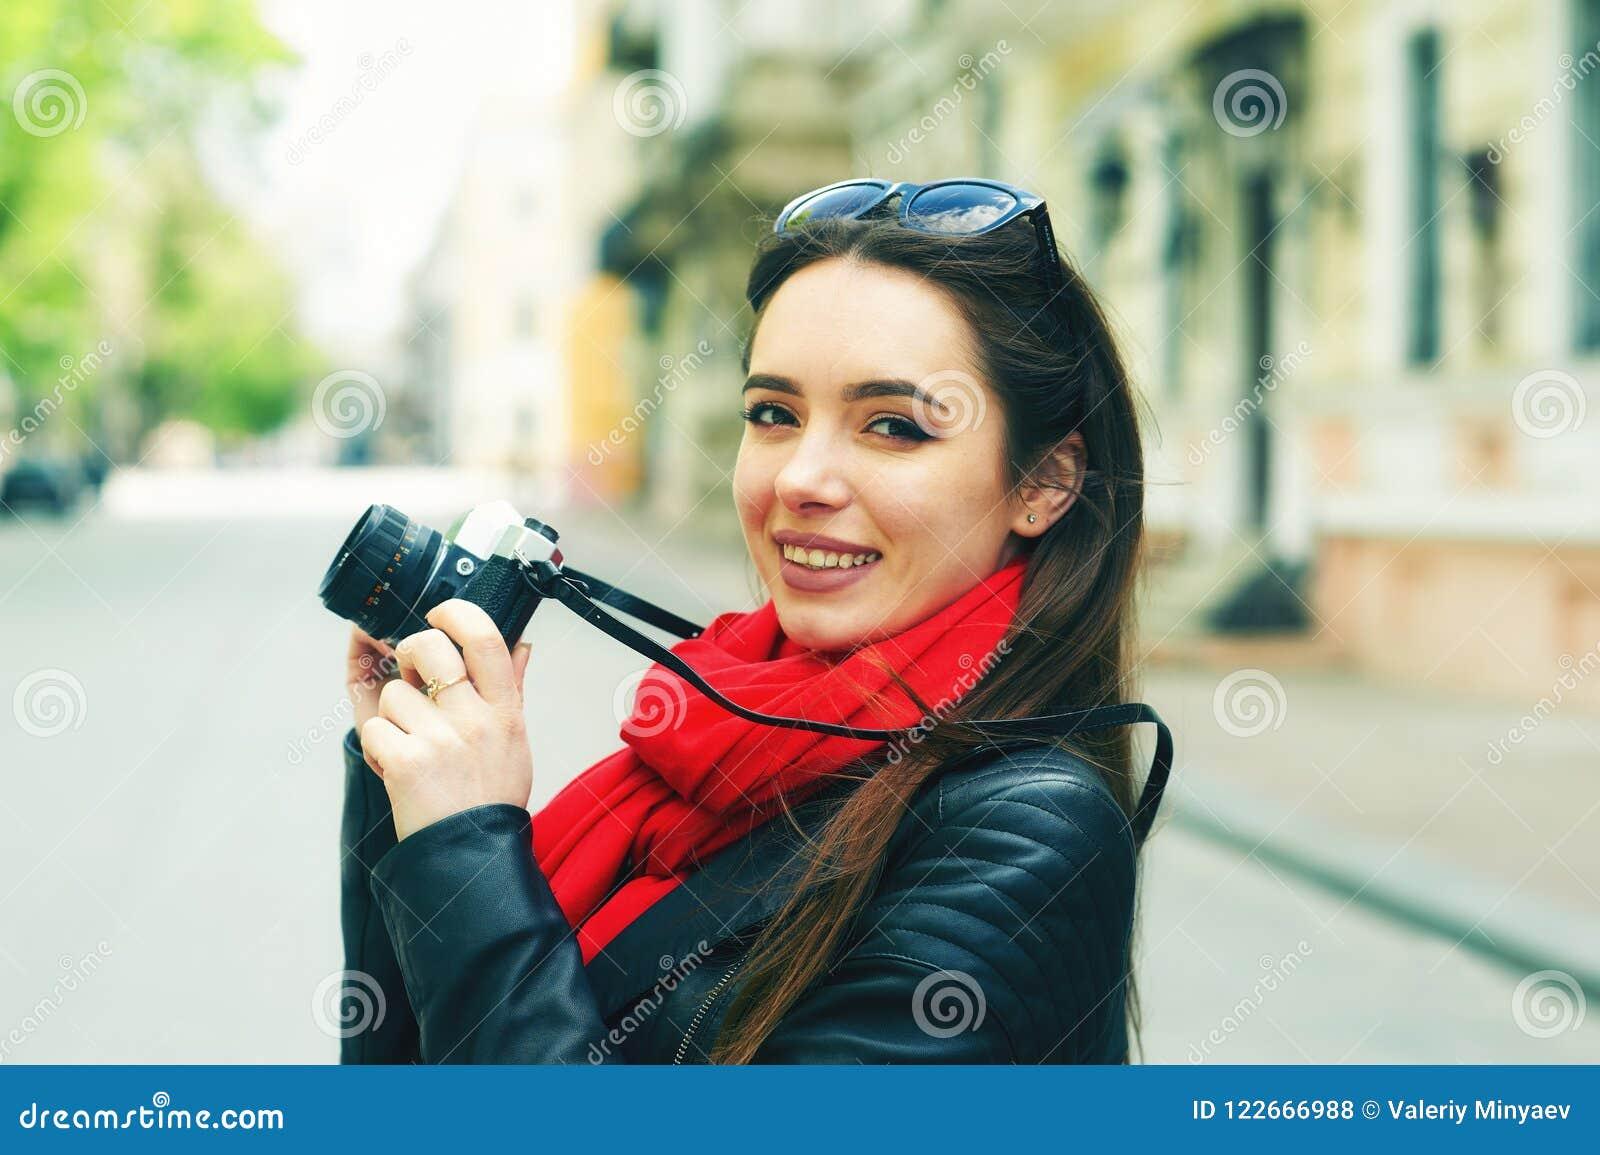 Stående av en ung kvinna på en gå till och med gatorna av staden